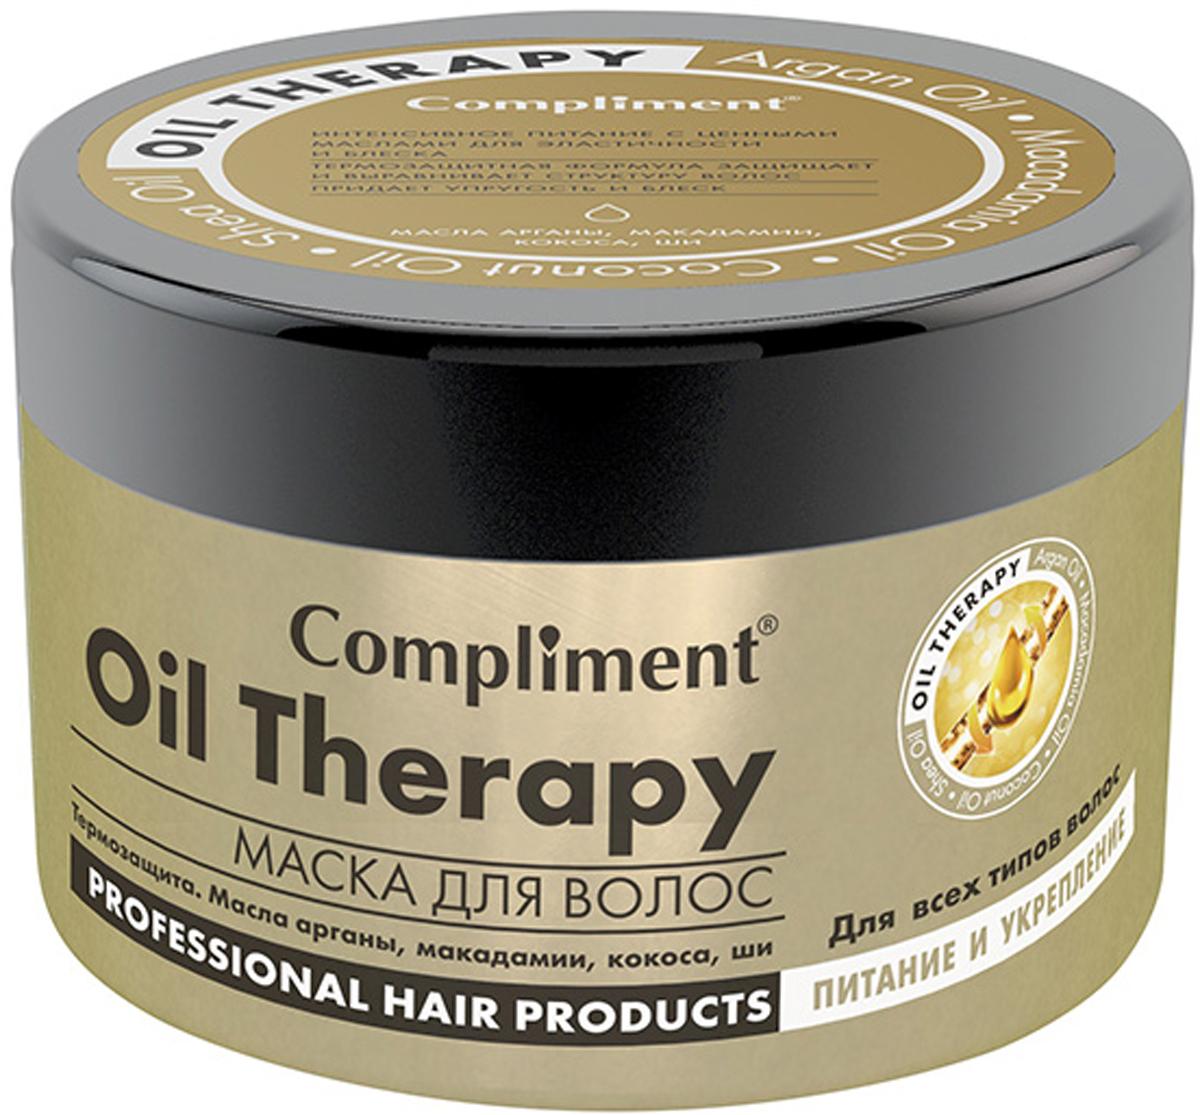 Compliment Маска для волос Oil Therapy с маслом арганы, 500 мл078-01-798467Масло Арганы – содержит 80% ненасыщенных жирных кислот, в том числе олиголинолиевые кислоты и Омега-кислоты 6 и 9, антиоксиданты, витамины A, E, F и фунгициды. Активно питает, интенсивно смягчает кожу головы, предохраняет ее от шелушения и сухости, устраняет перхоть. Повышает эластичность, разглаживает волосы, не повреждая поверхностного слоя и обволакивая каждый волос защитной мантией.